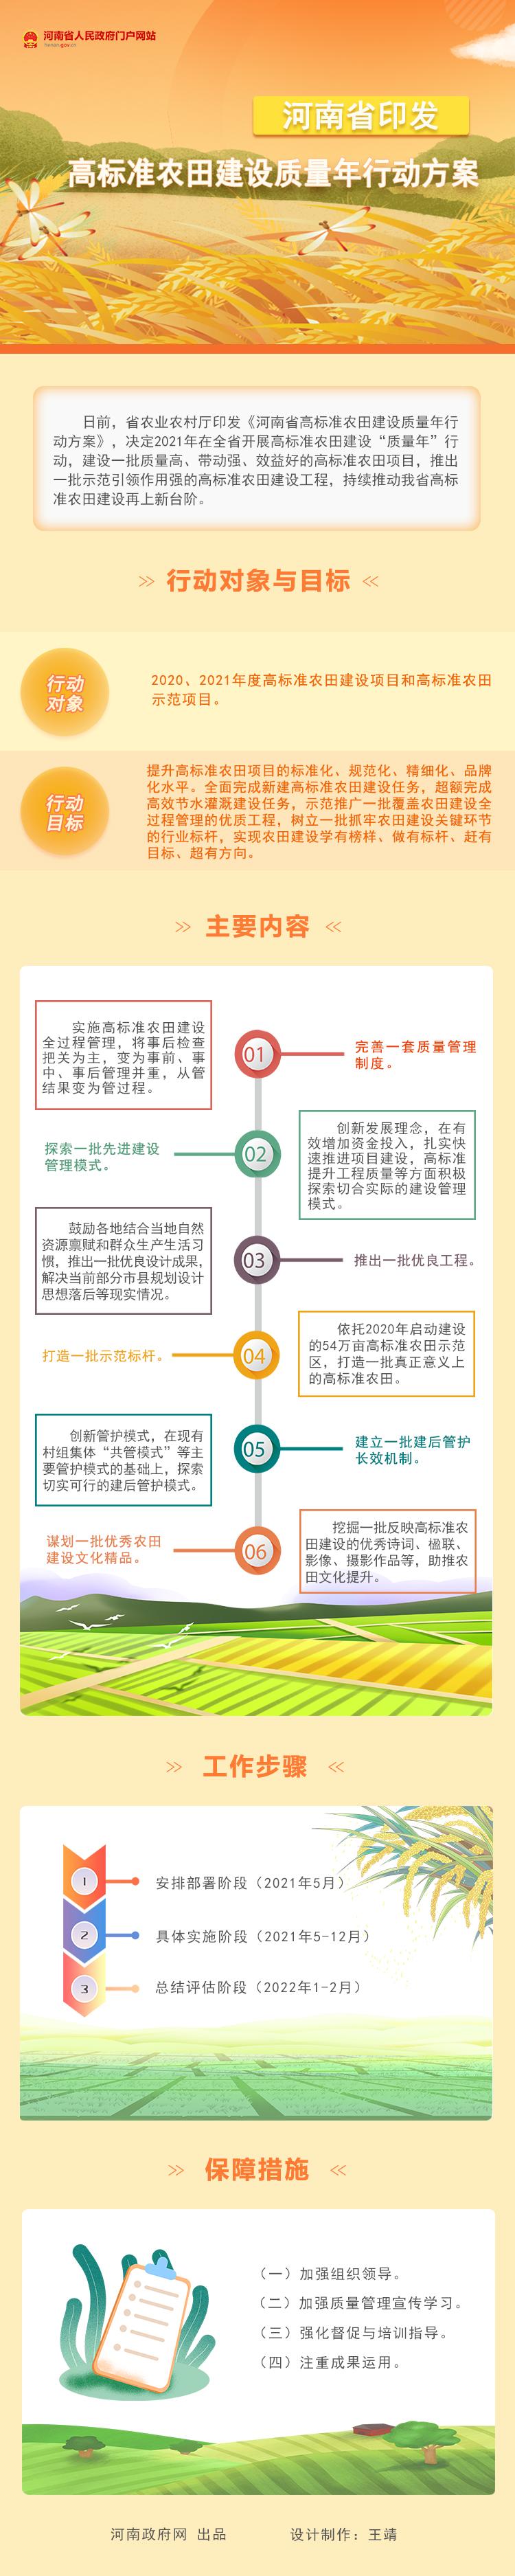 图解:河南省印发高标准农田建设质量年行动方案